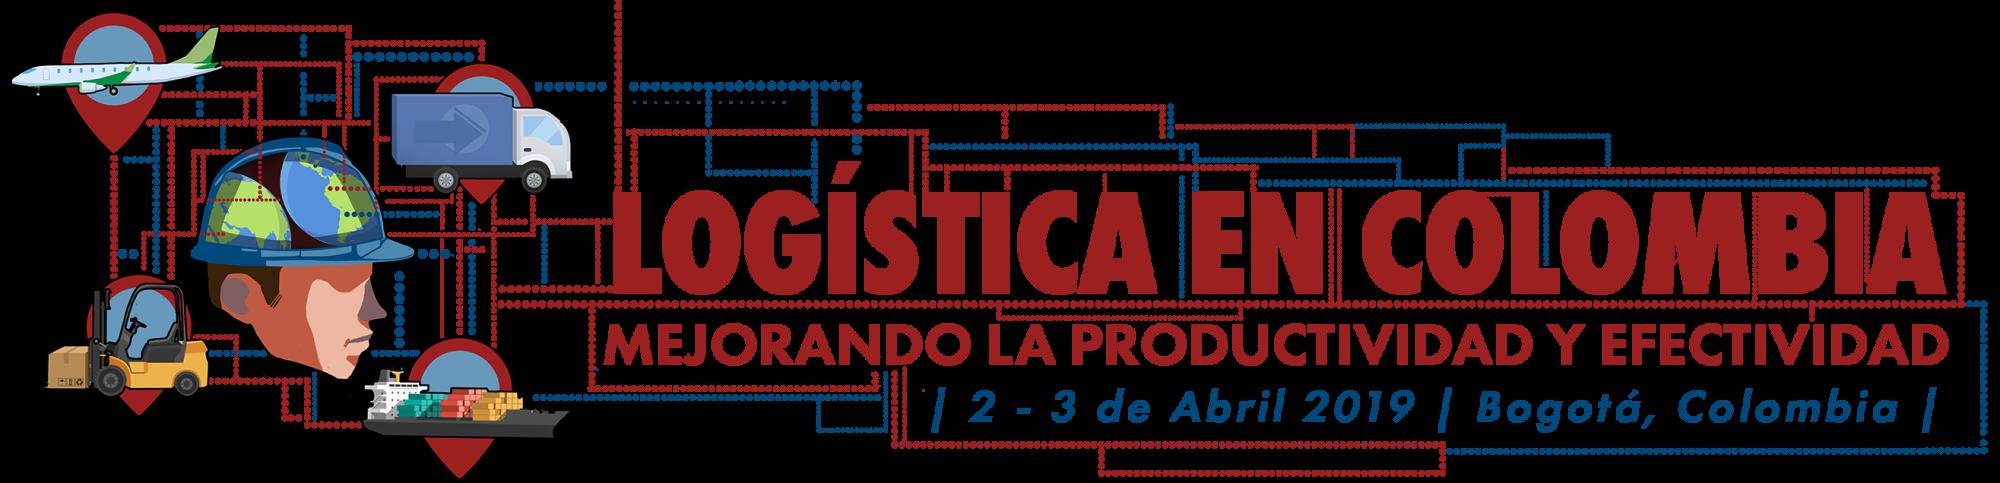 Logística en Colombia Mejorando la Productividad y Efectividad